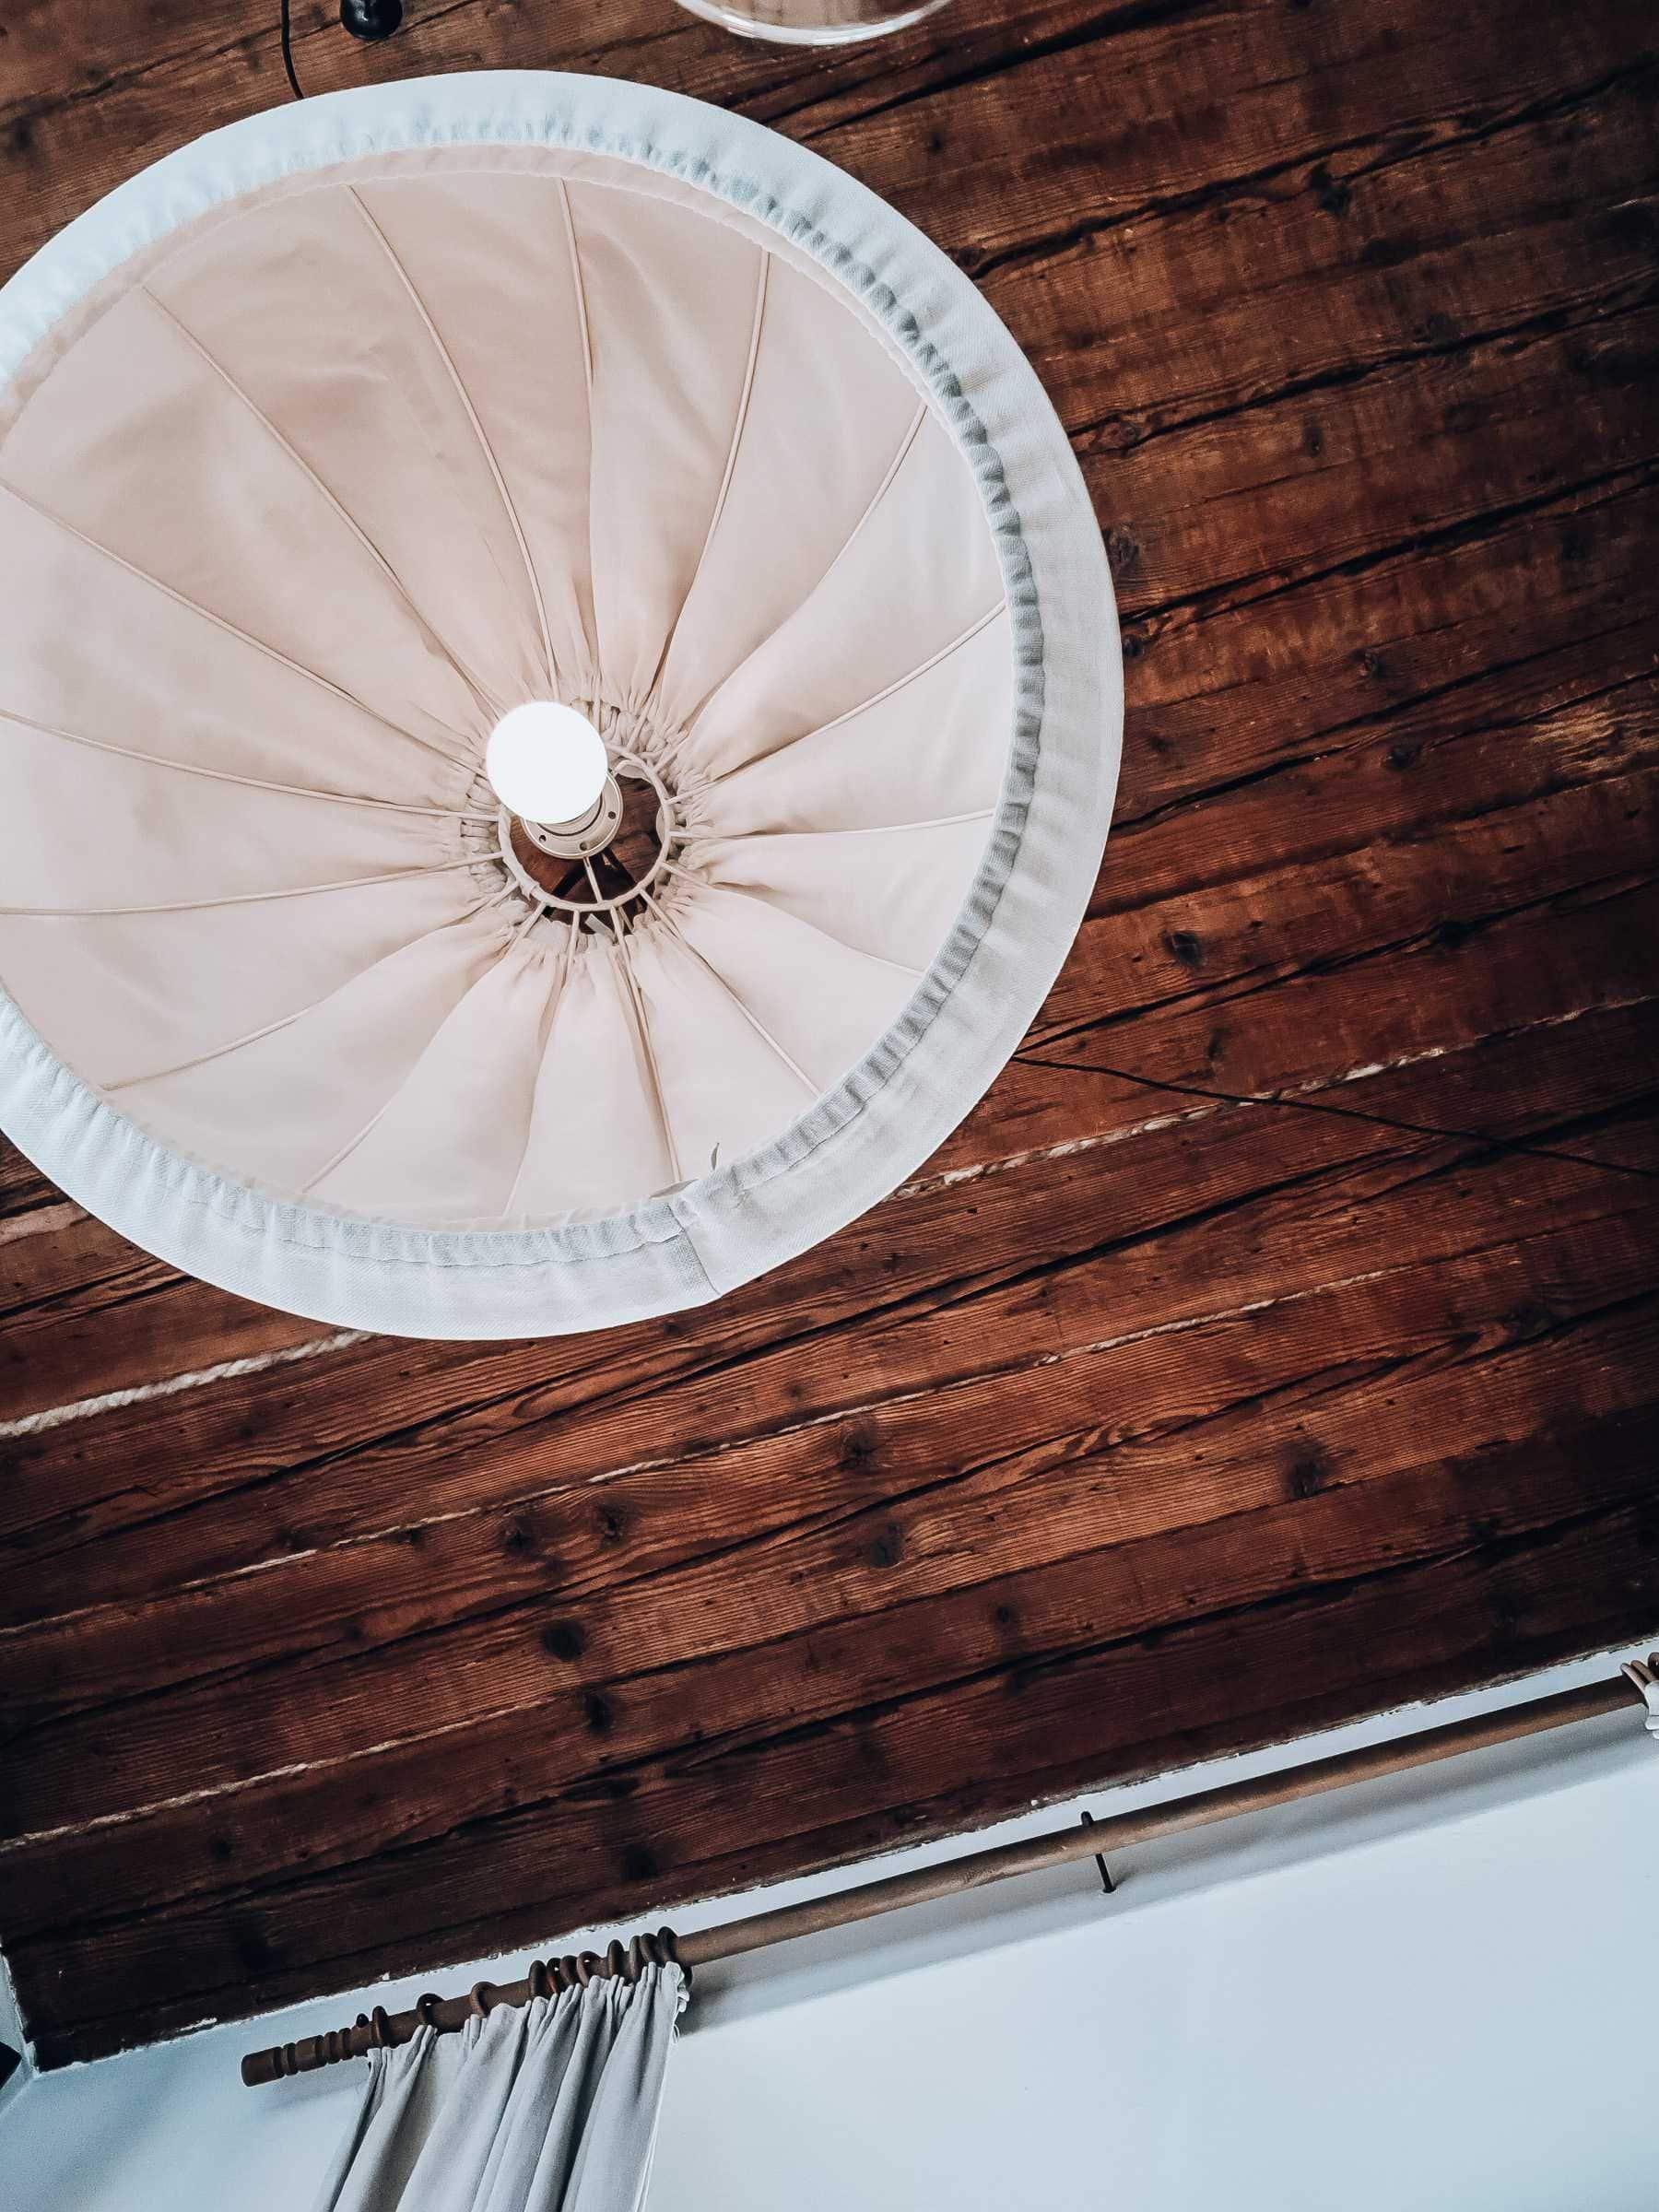 Holzdecke mit Lampe